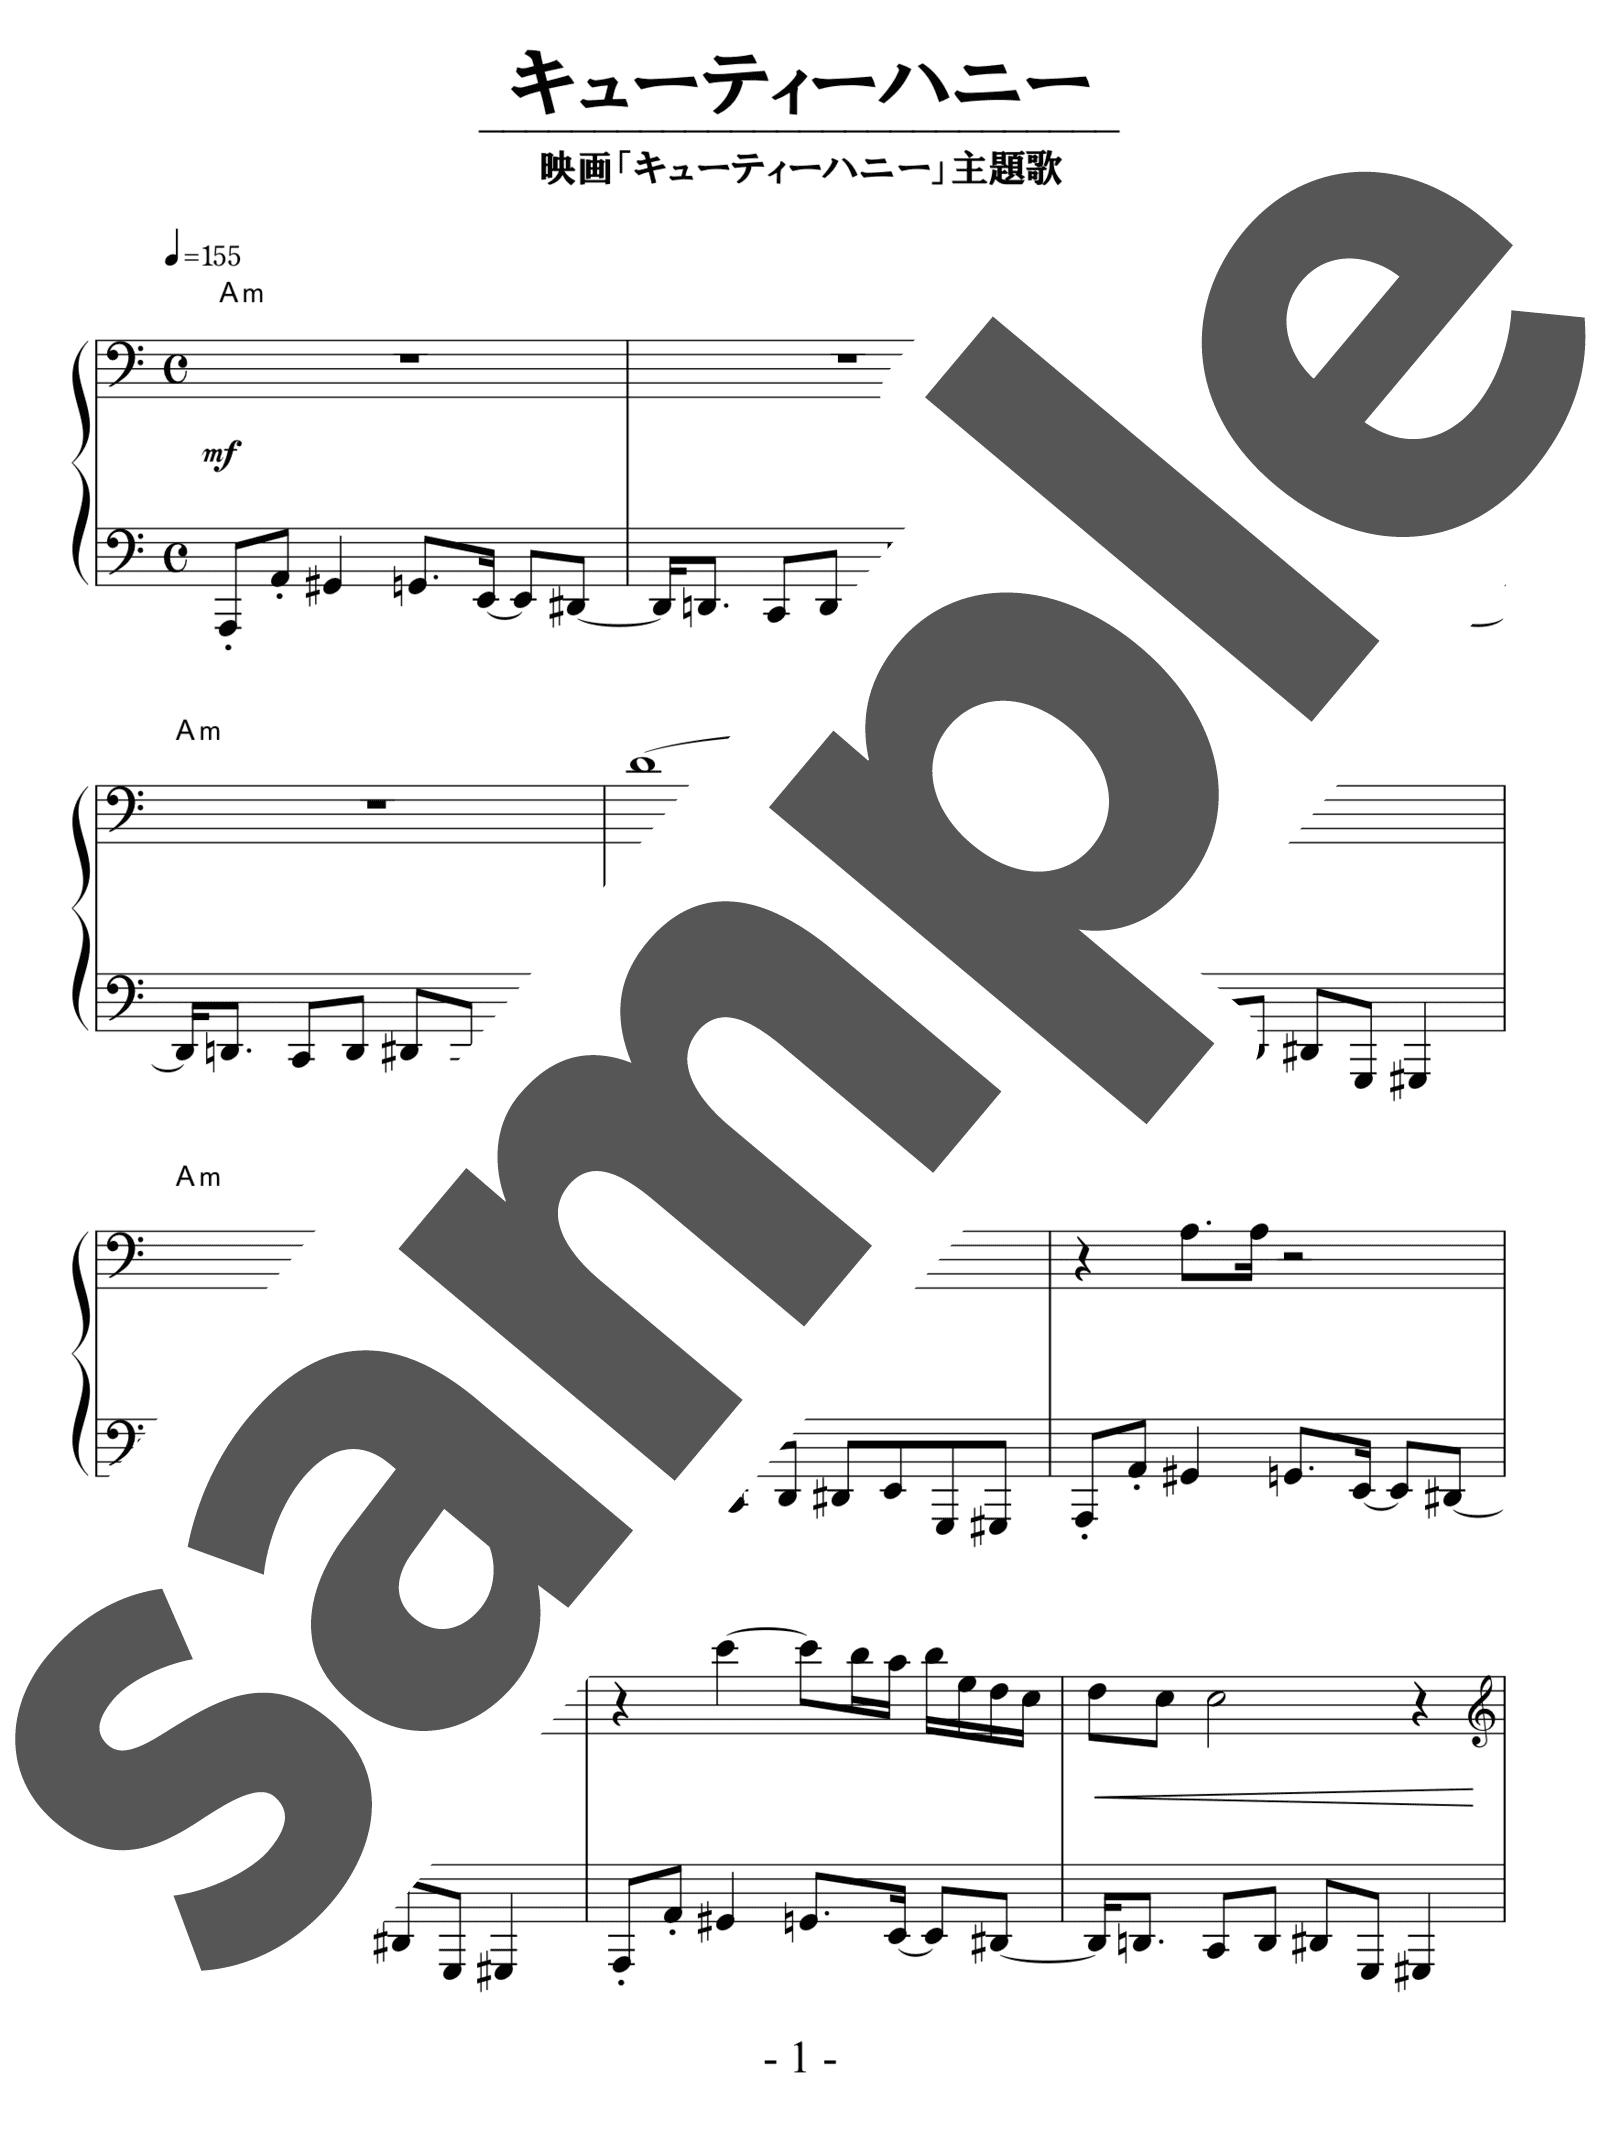 「キューティーハニー」のサンプル楽譜